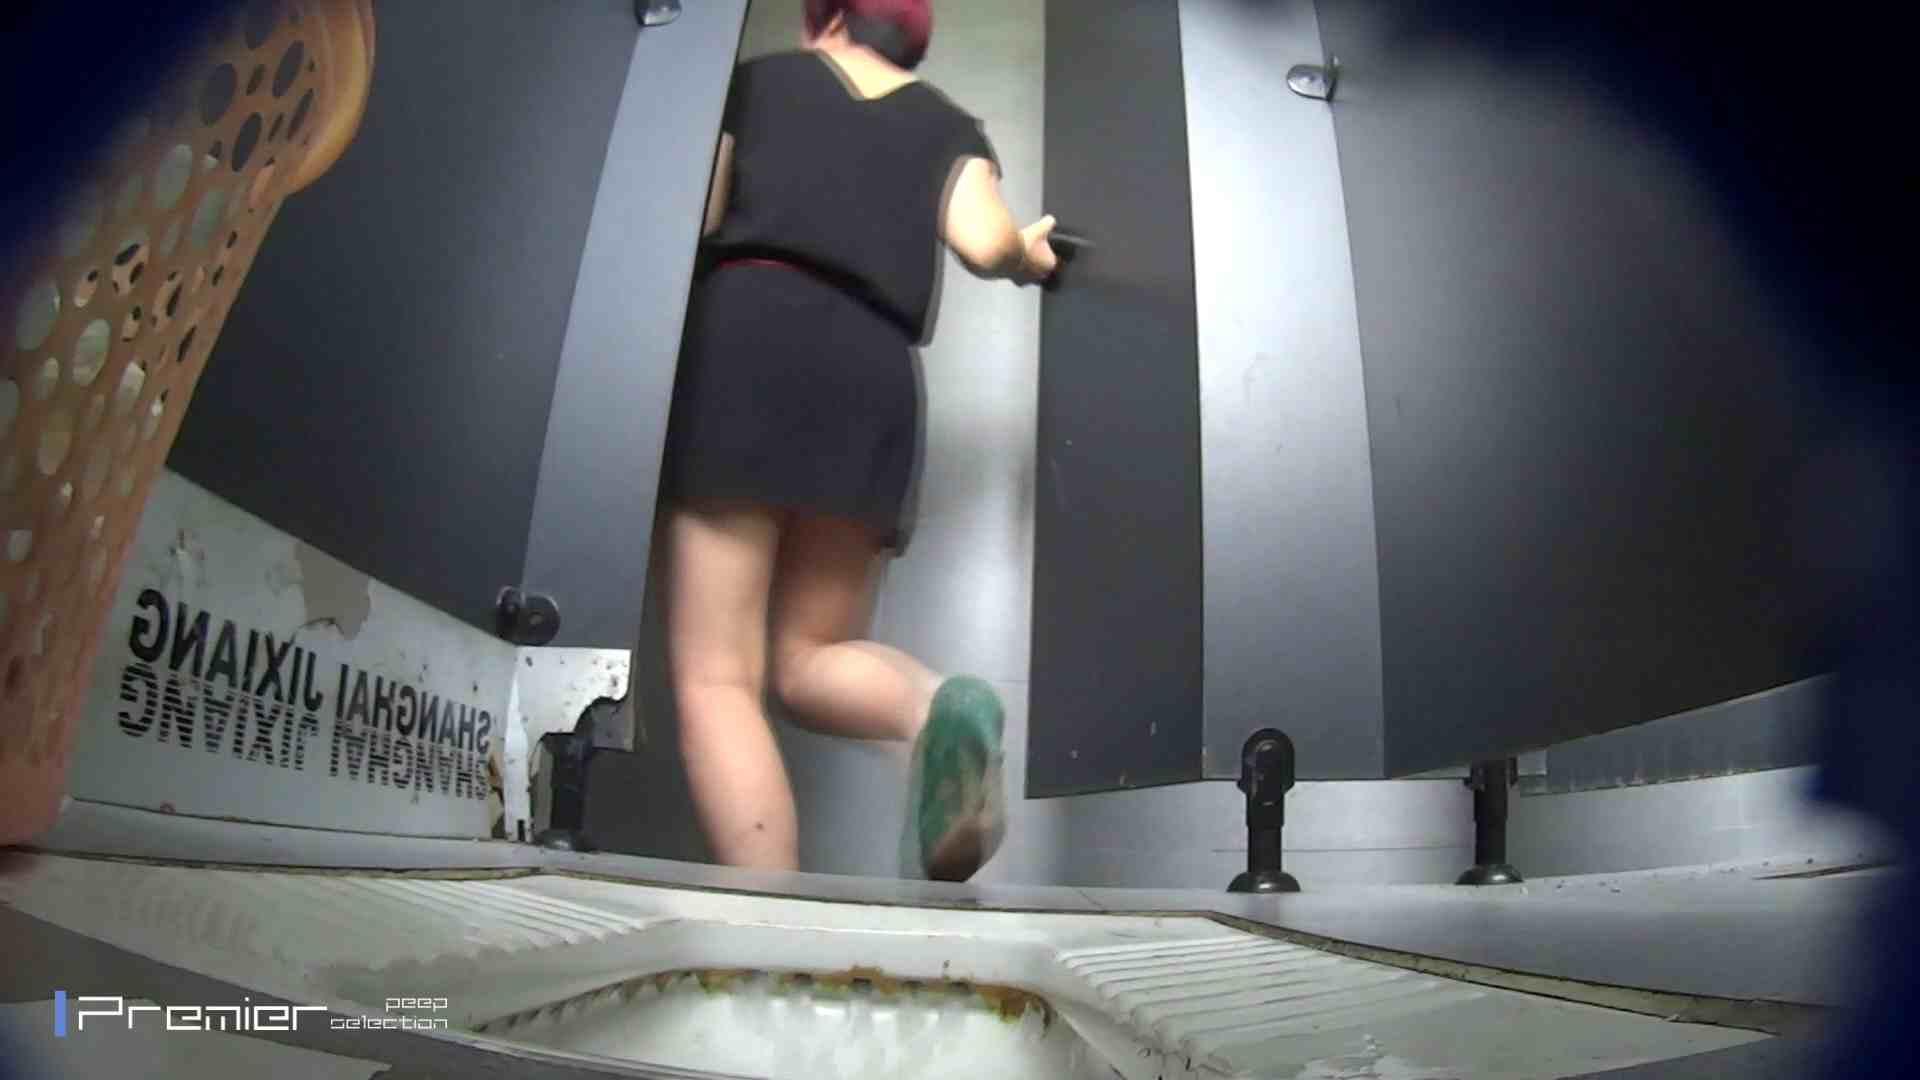 びゅーっと!オシッコ放出 大学休憩時間の洗面所事情47 盗撮 セックス無修正動画無料 103PIX 35